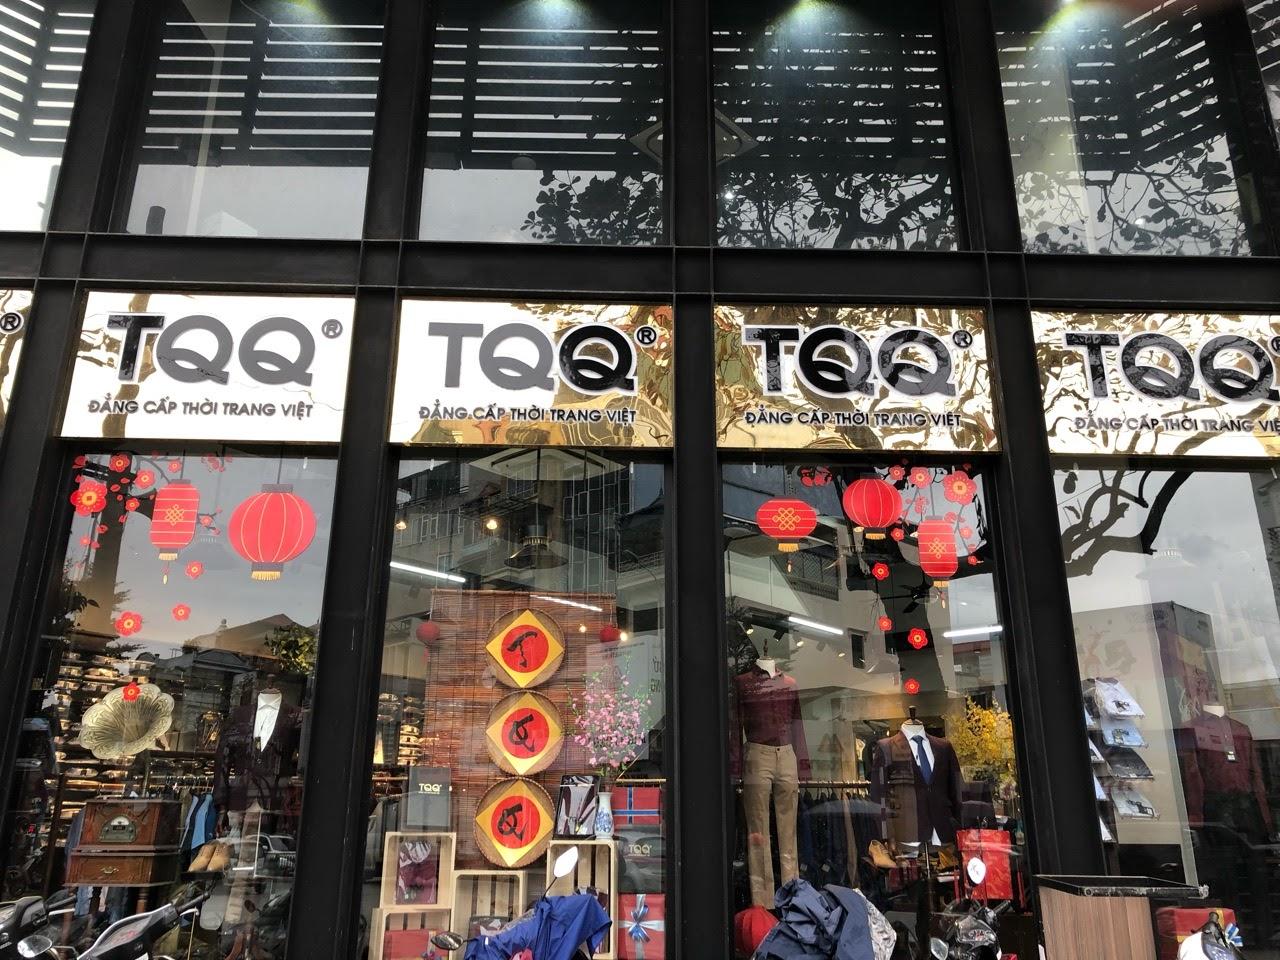 TQQ tự hào là một trong những địa chỉ cung cấp áo sơ mi công sở chất lượng hàng đầu hiện nay